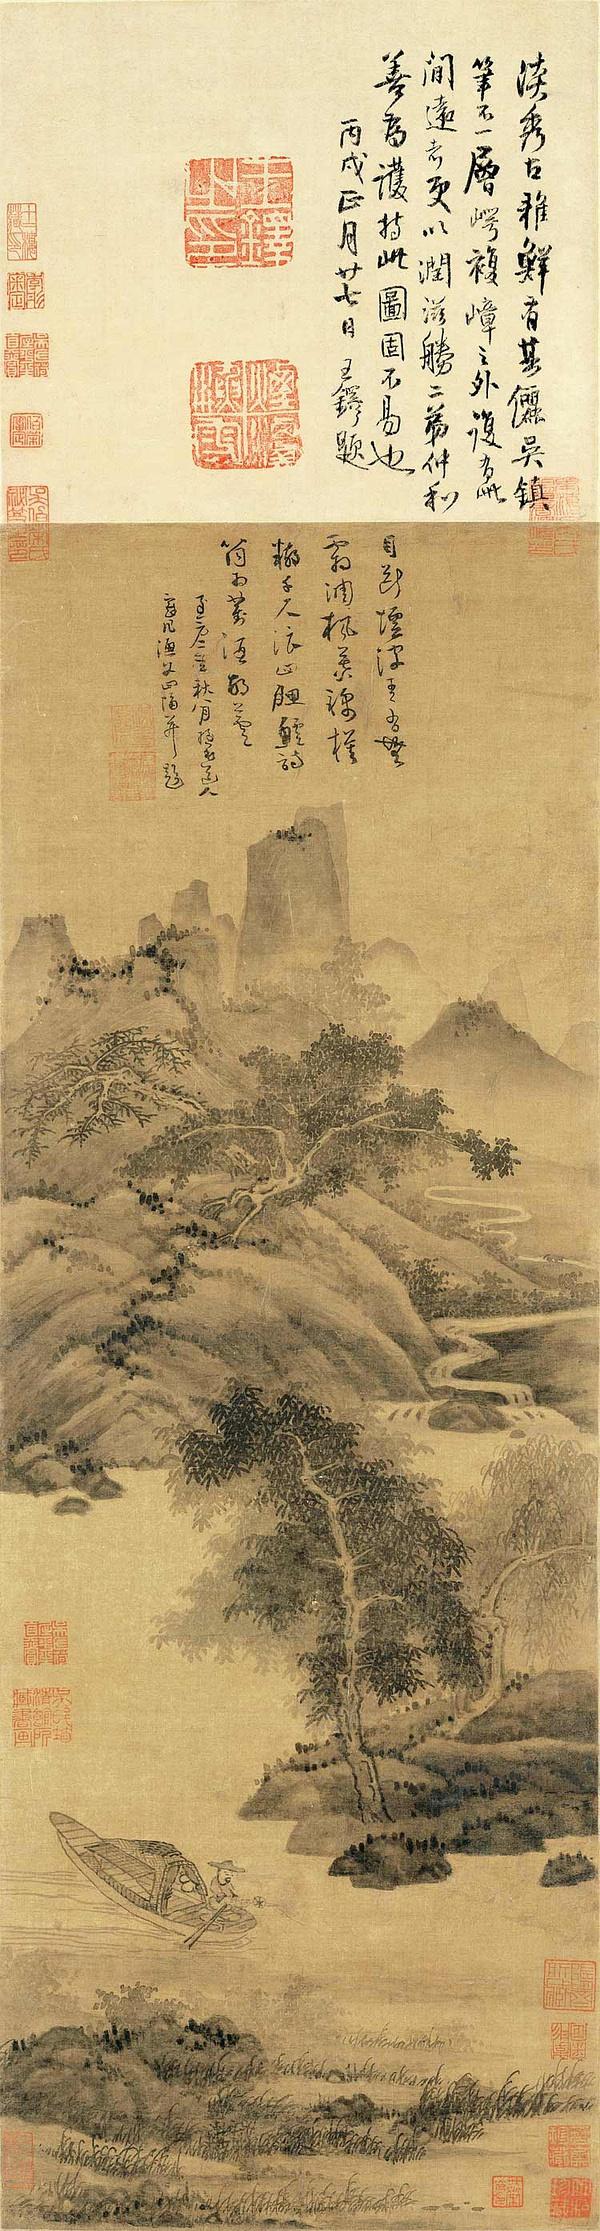 元 吴镇 渔父图轴 绢本墨笔 84.7×29.7cm 北京故宫博物院藏